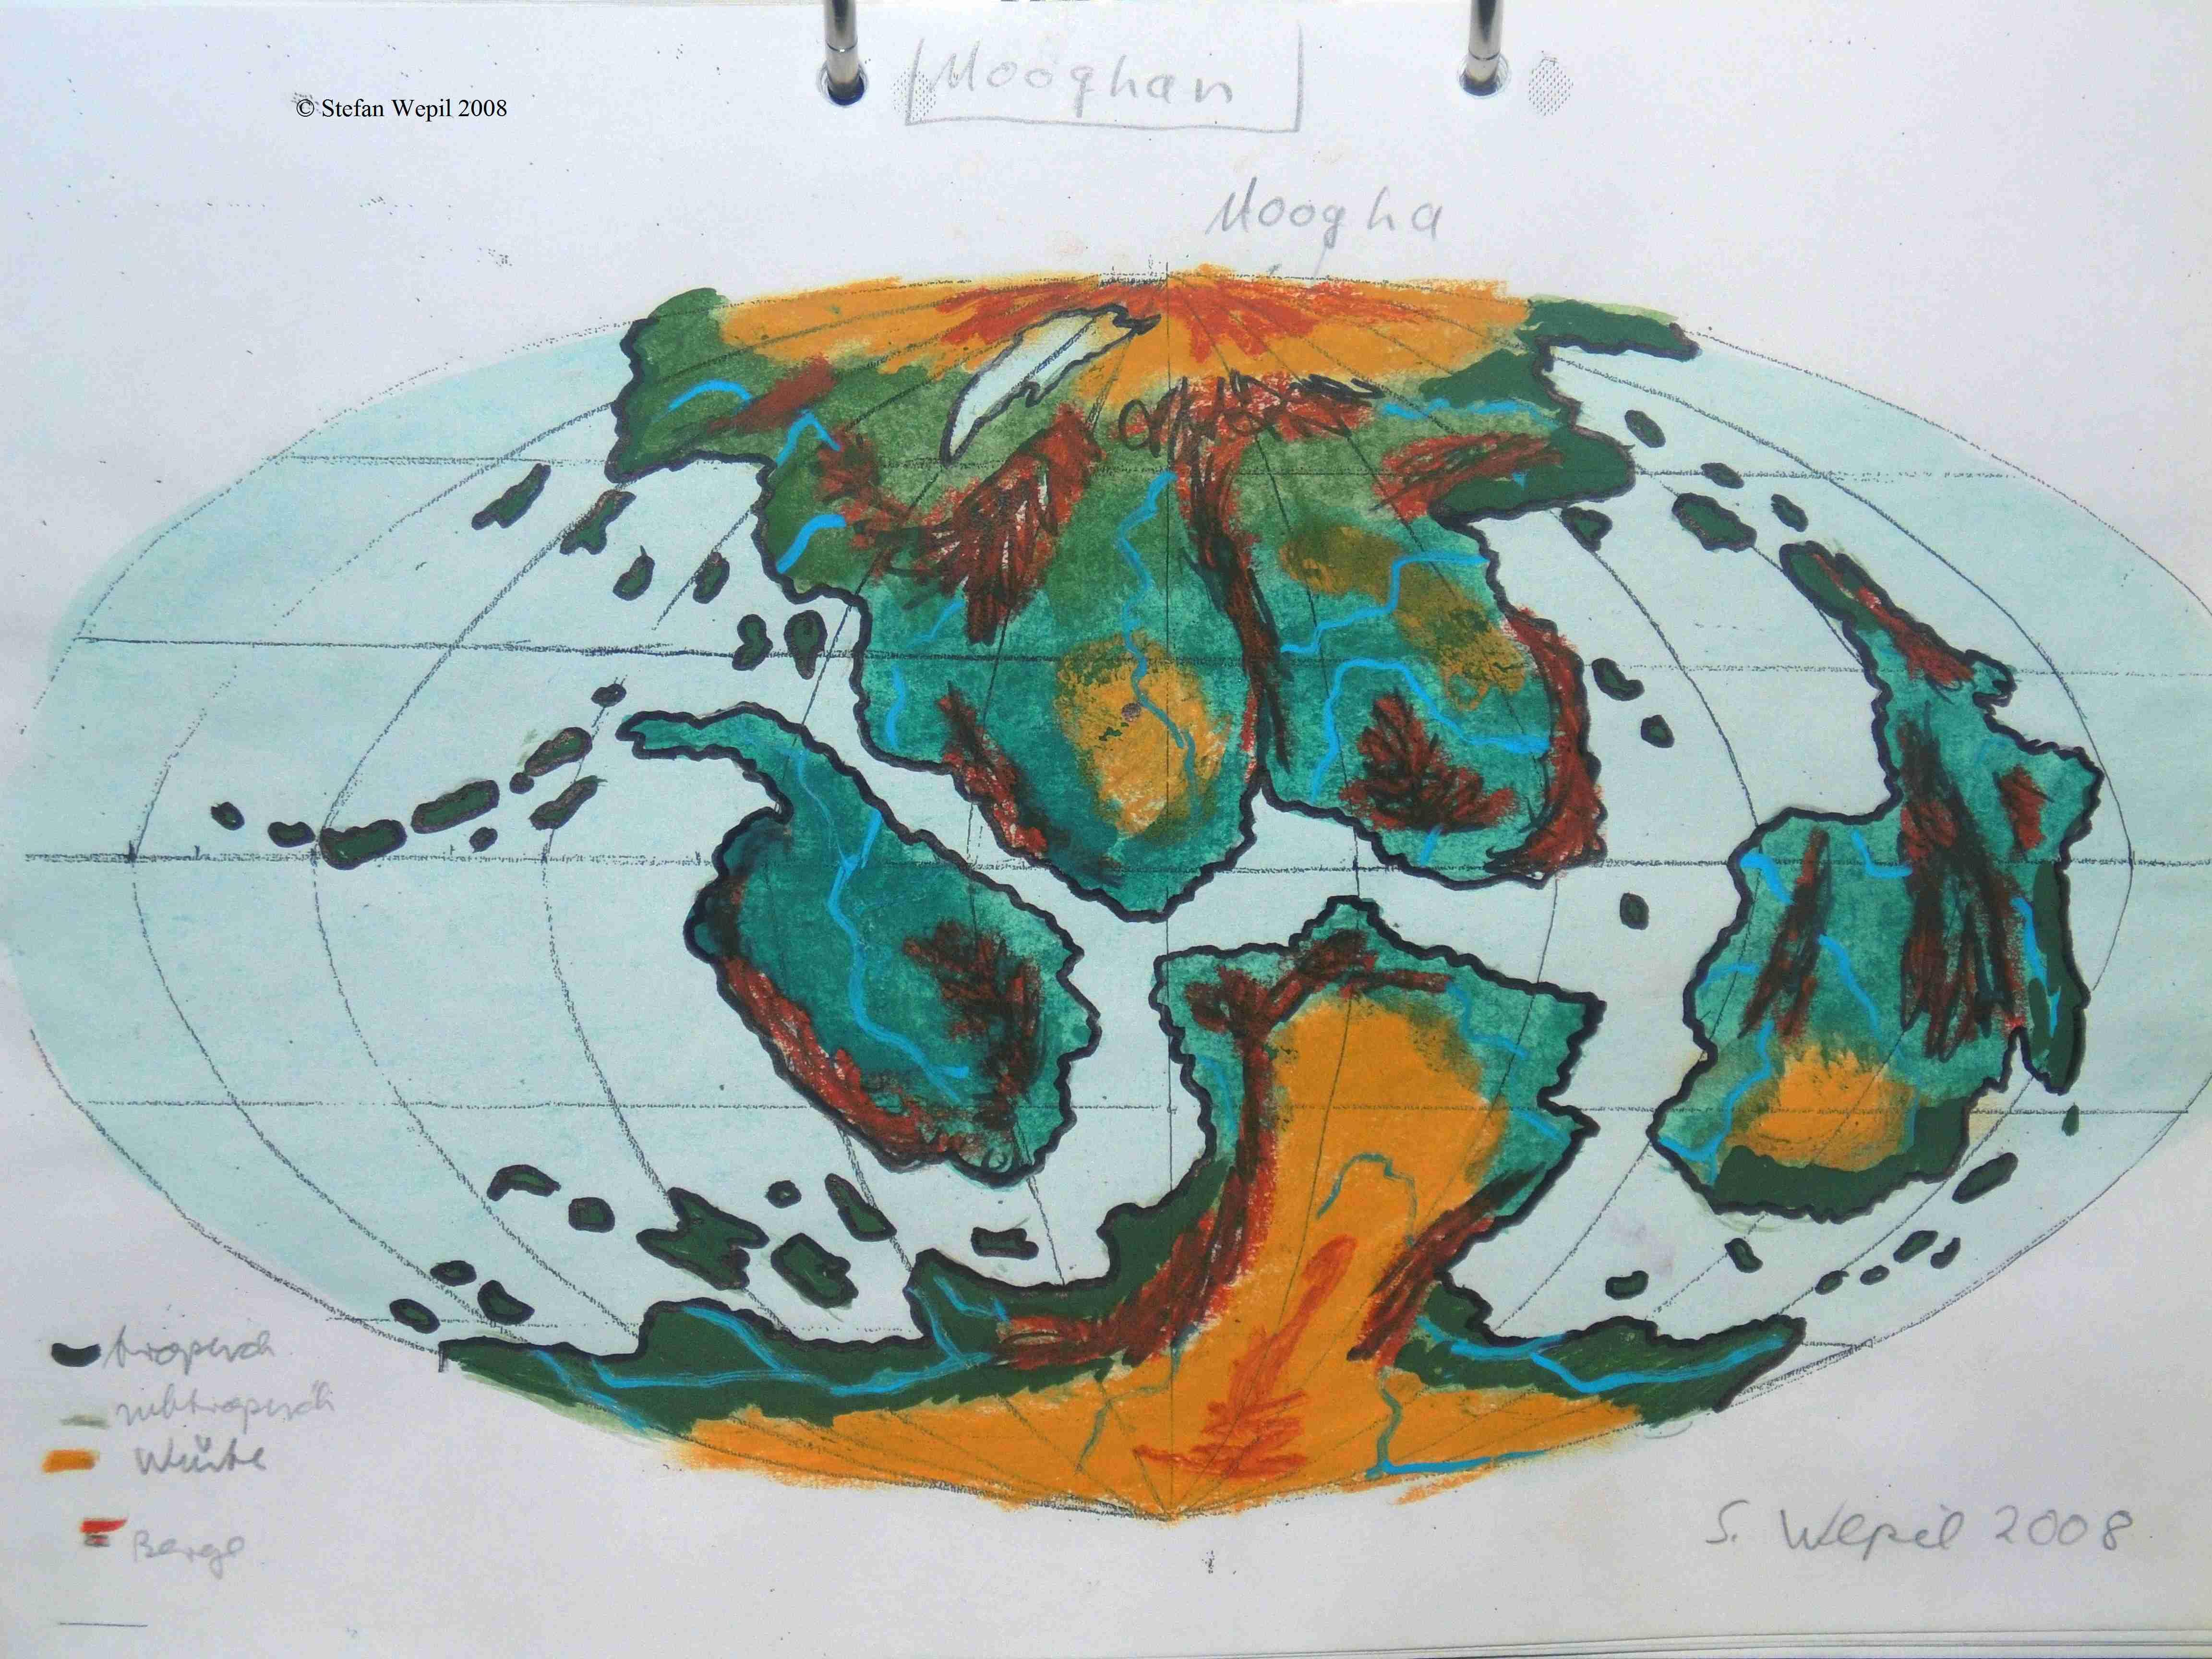 Weltkarte von Mooghan in M 87 Druithora (C) Stefan Wepil